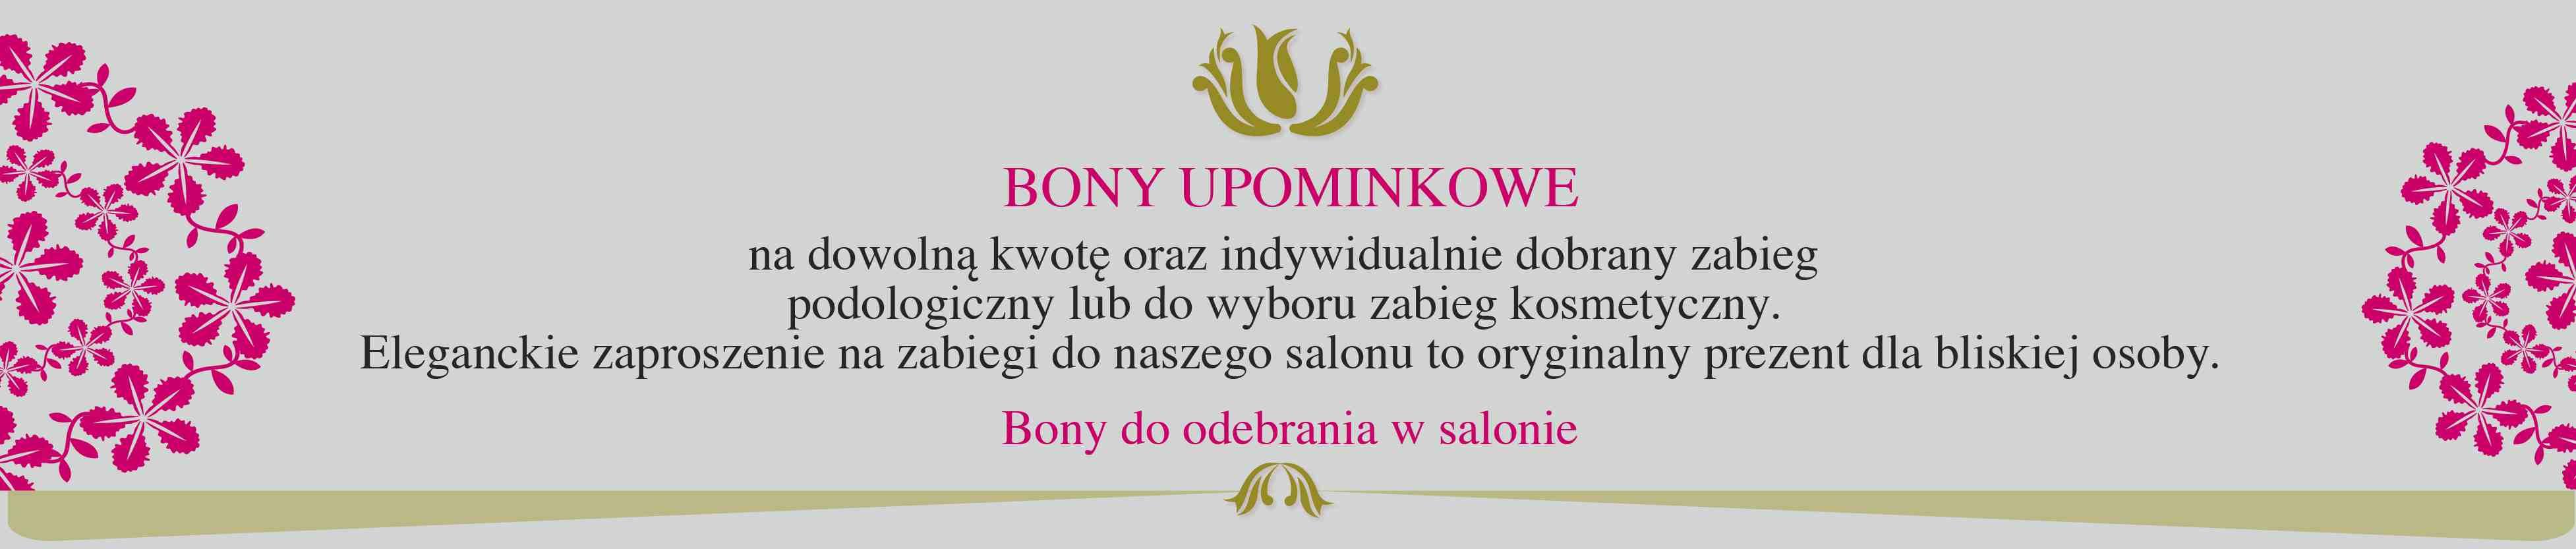 stopyzdrowe.pl • bony upominkowe